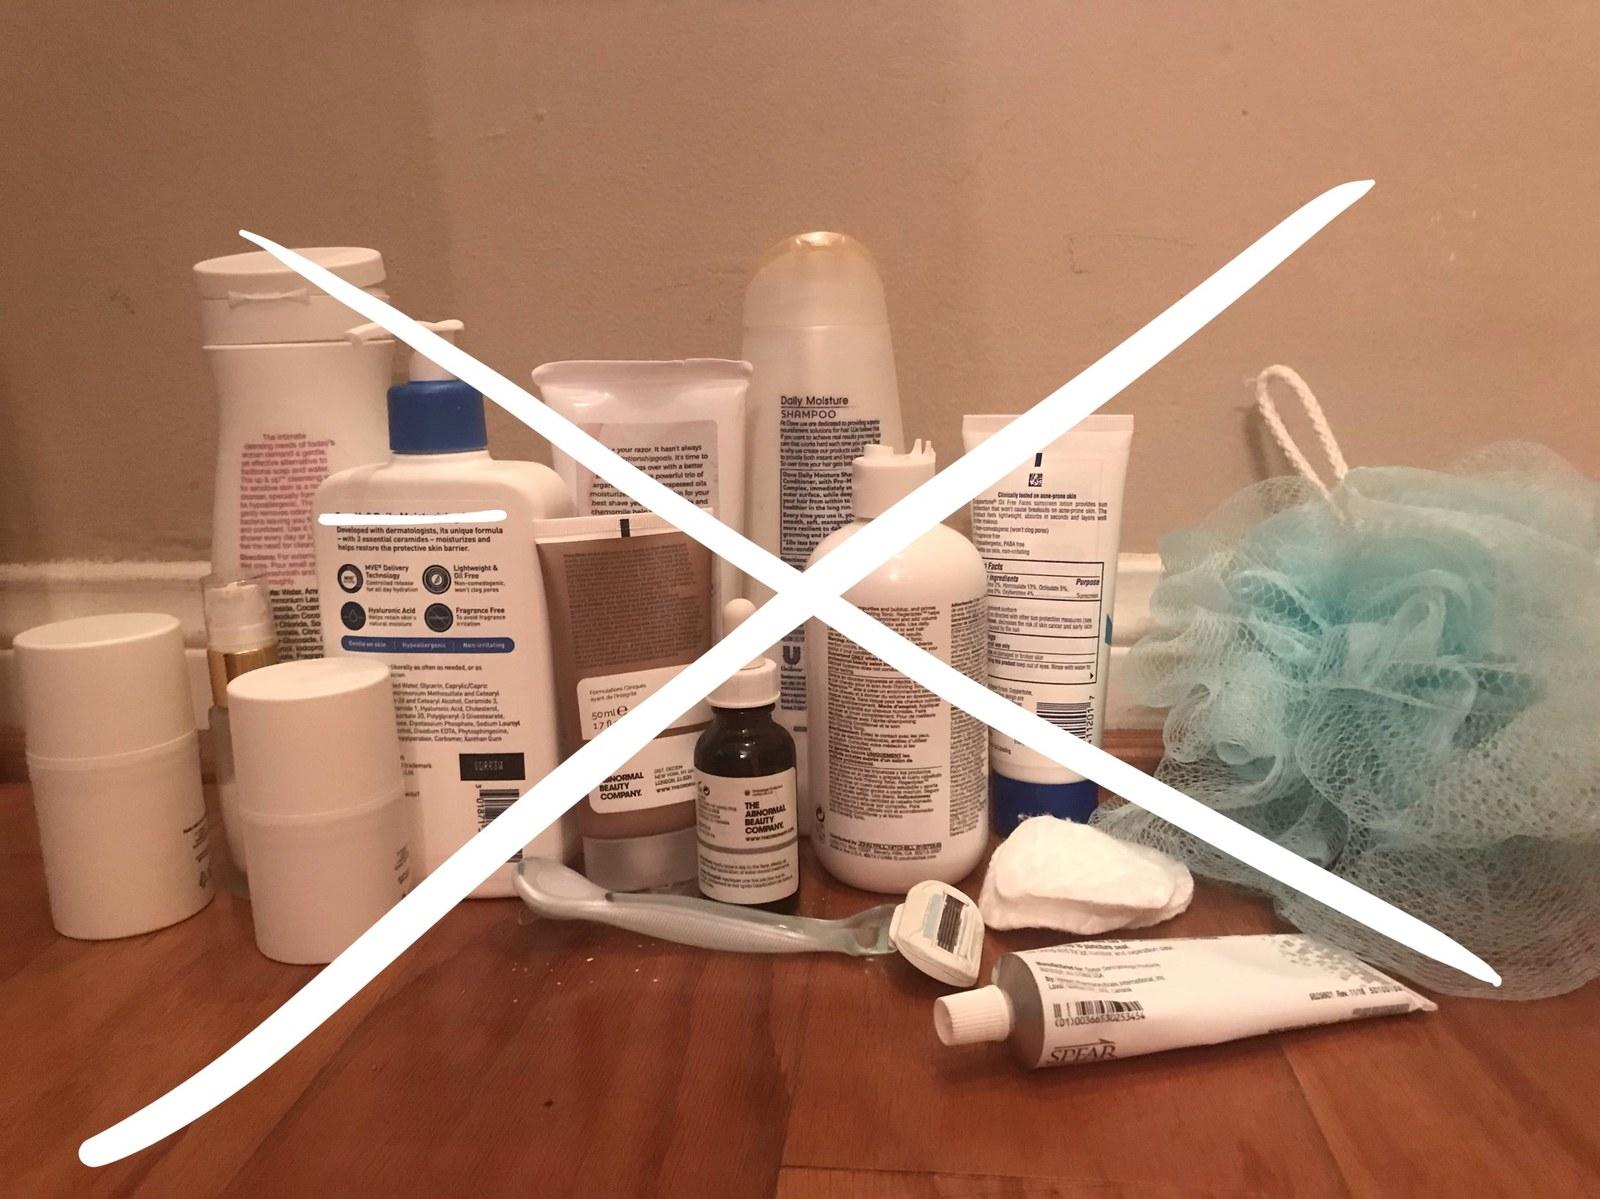 This Zero Waste Hygiene Routine Was A Challenge But I